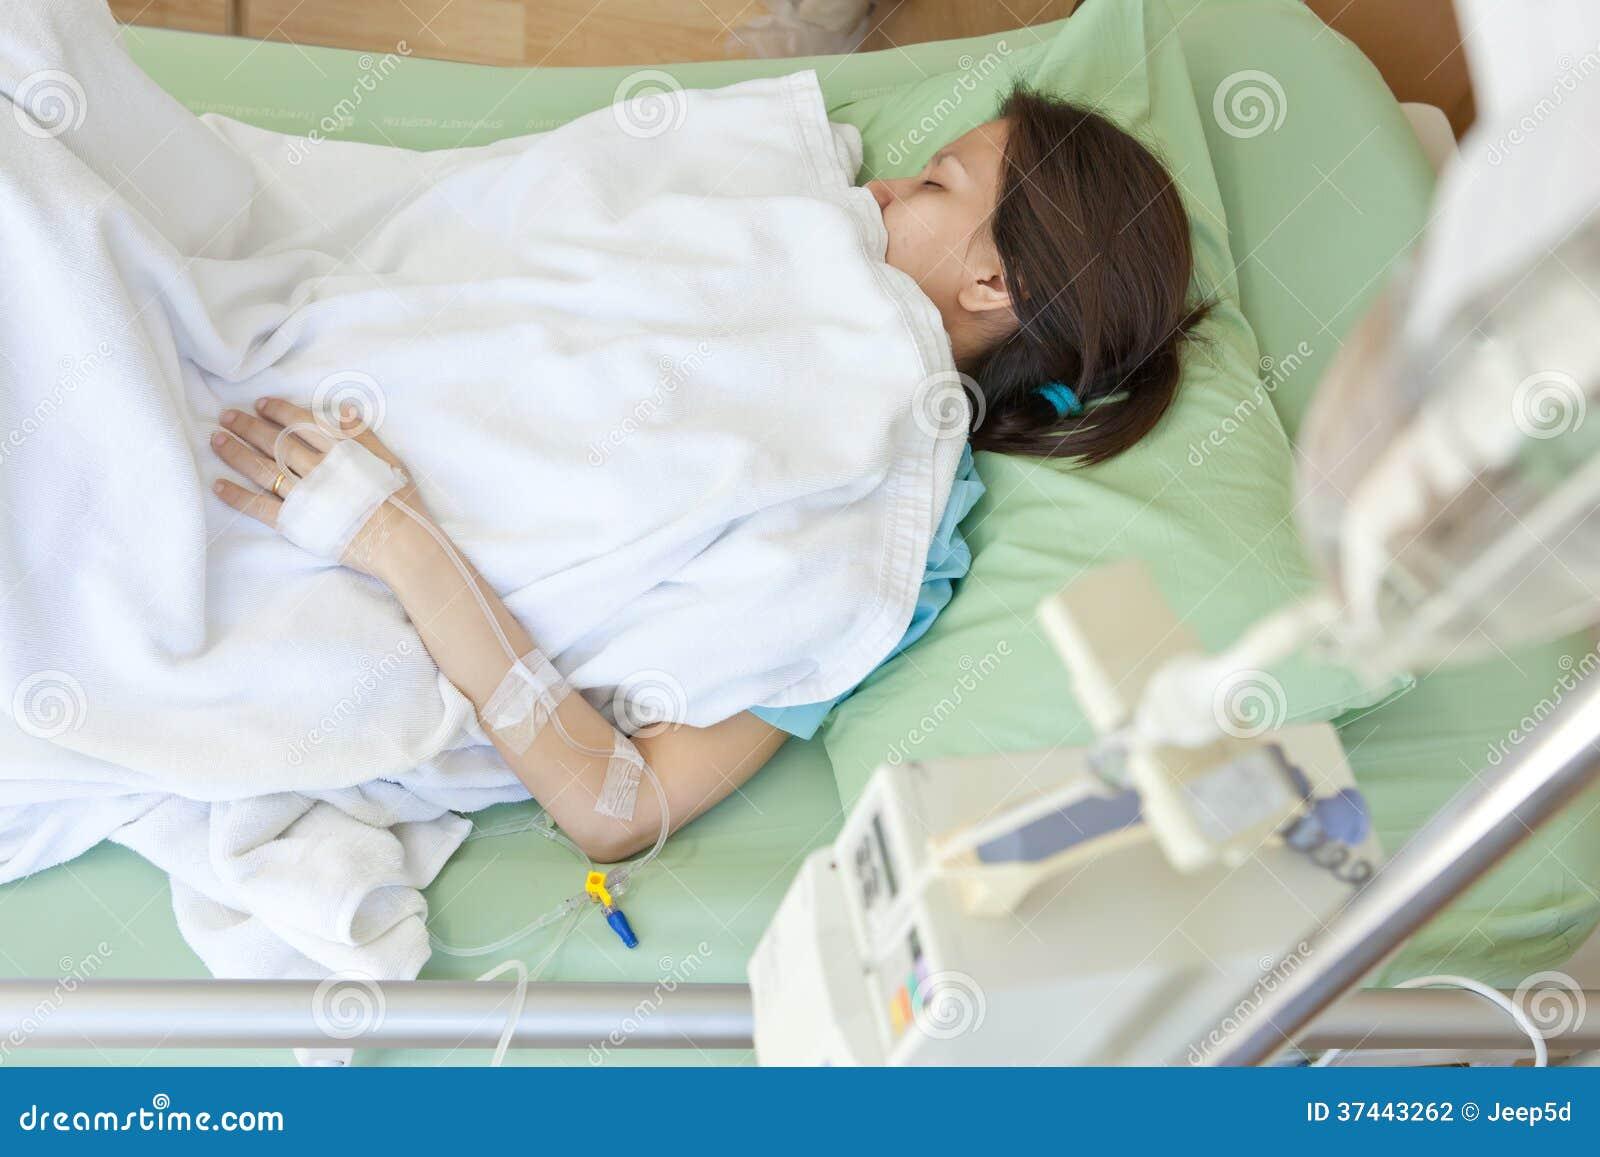 ¡Vengan a ver el hospital bullicioso! ¿Puedes ayudar a estos pacientes a curarse?